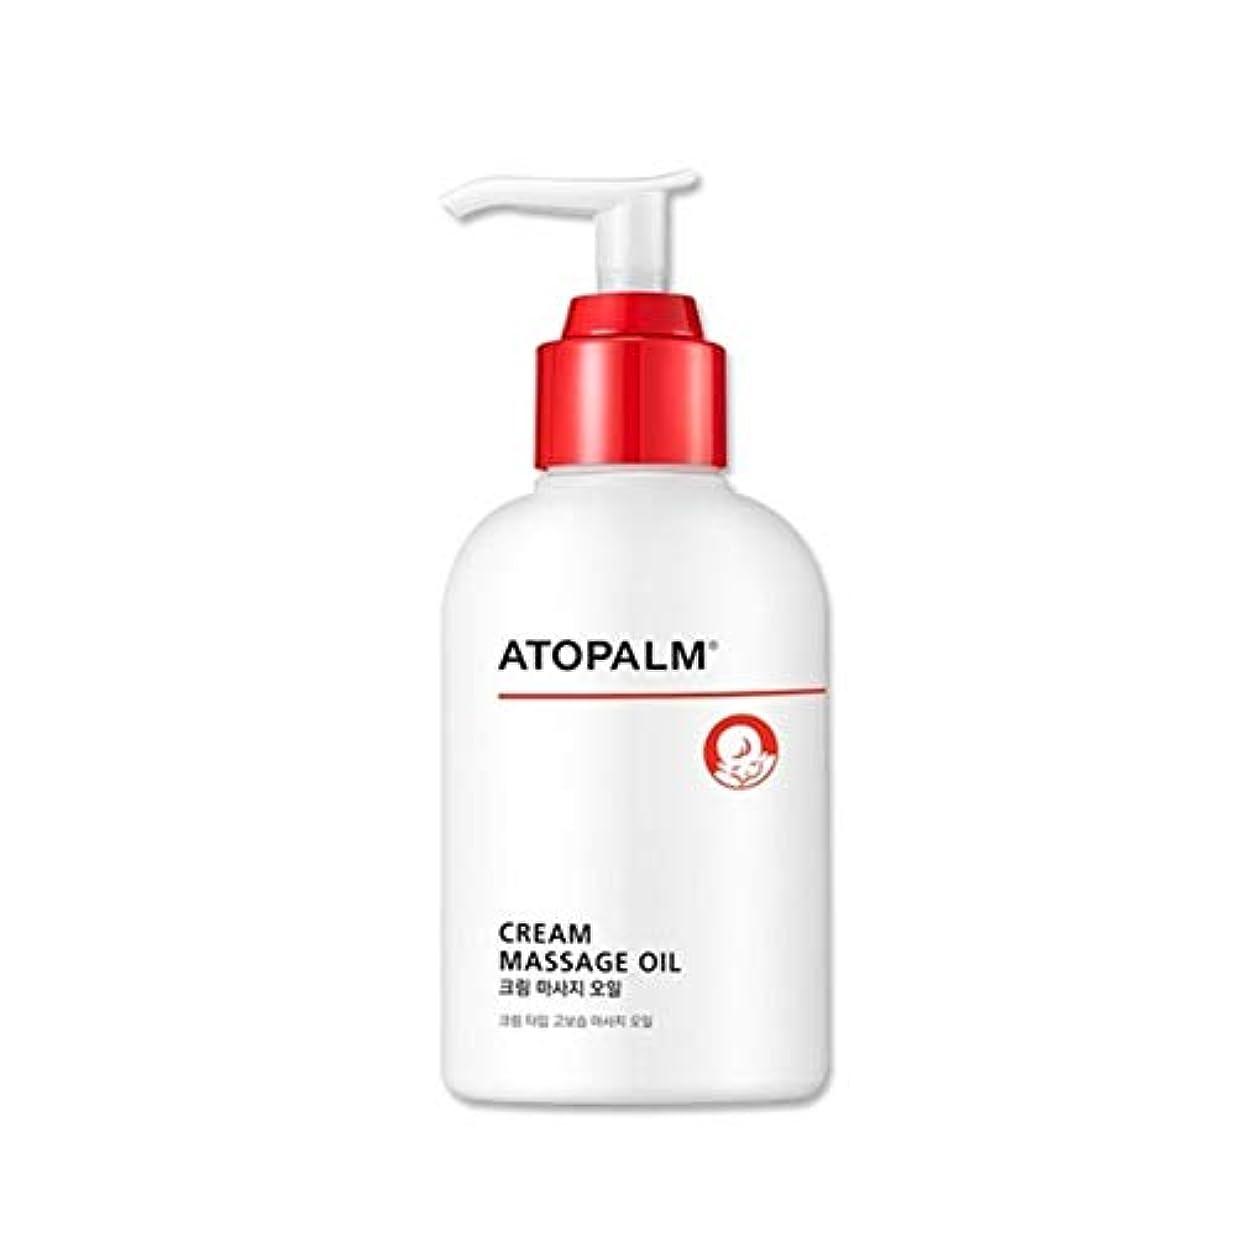 公ピース粘性のアトパムクリームマッサージオイル200ml韓国コスメ、Atopalm Cream Massage Oil 200ml Korean Cosmetics [並行輸入品]